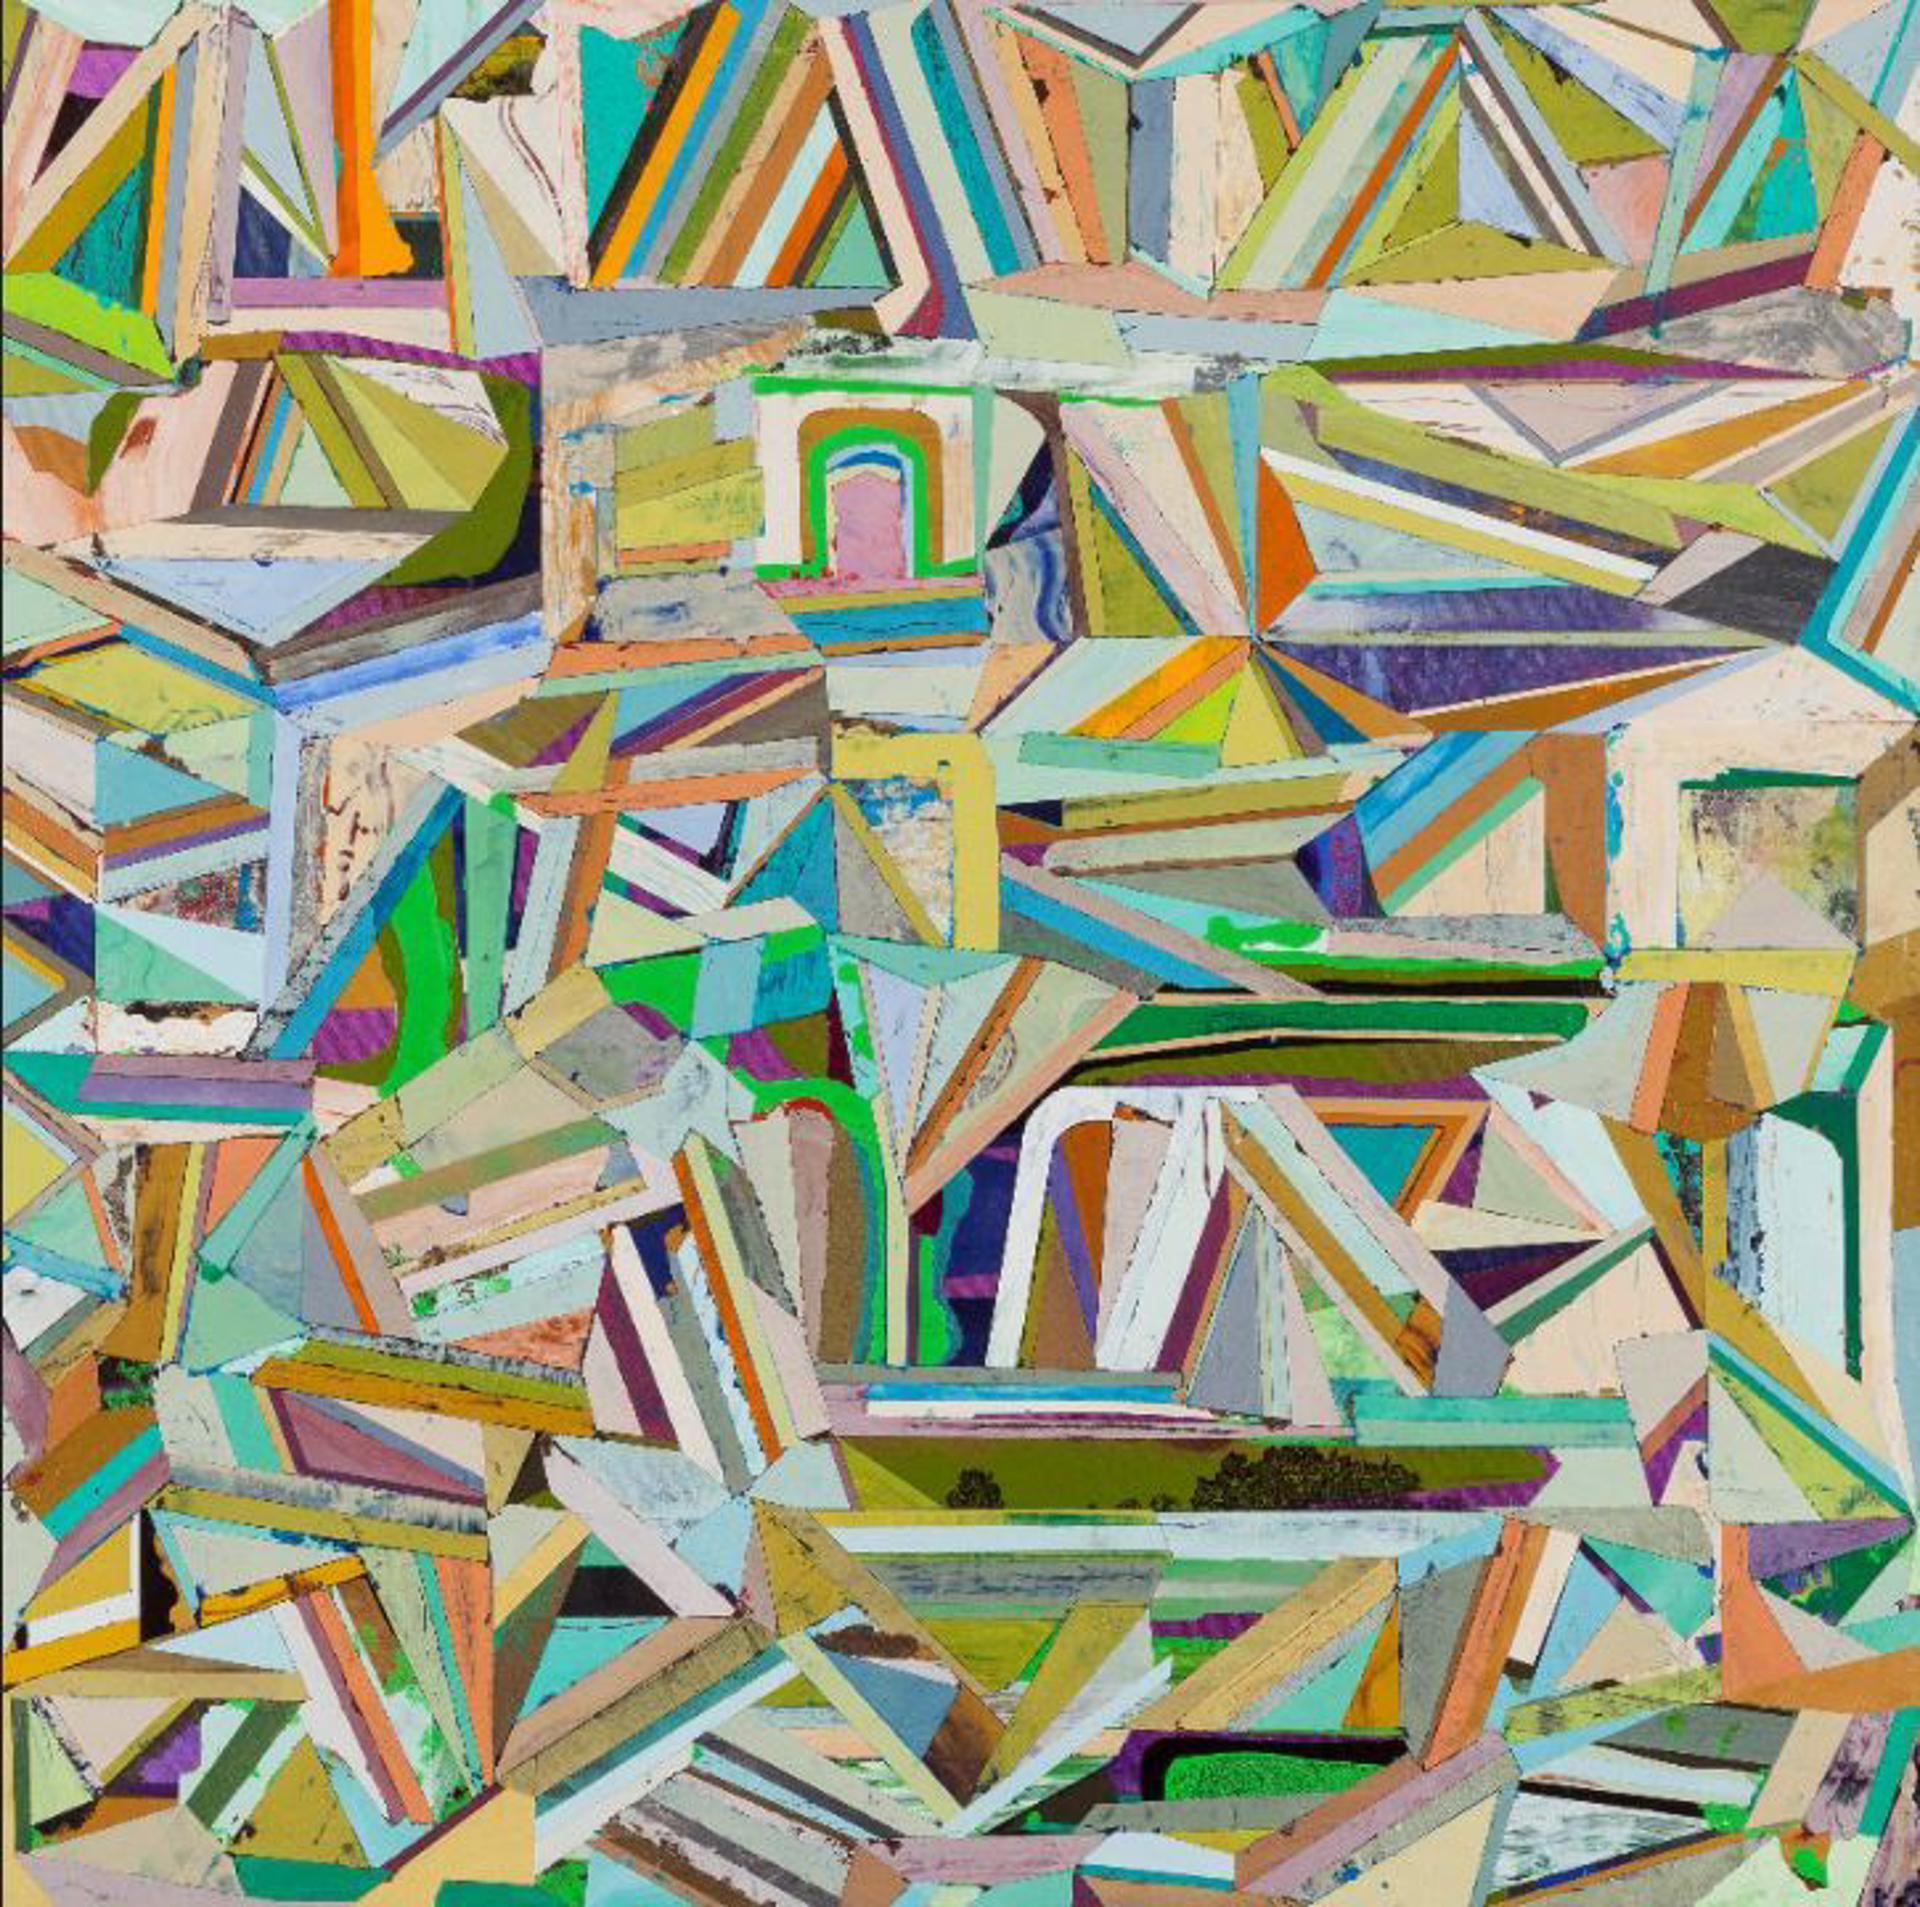 Tilt Brace Channel by Paul Yanko